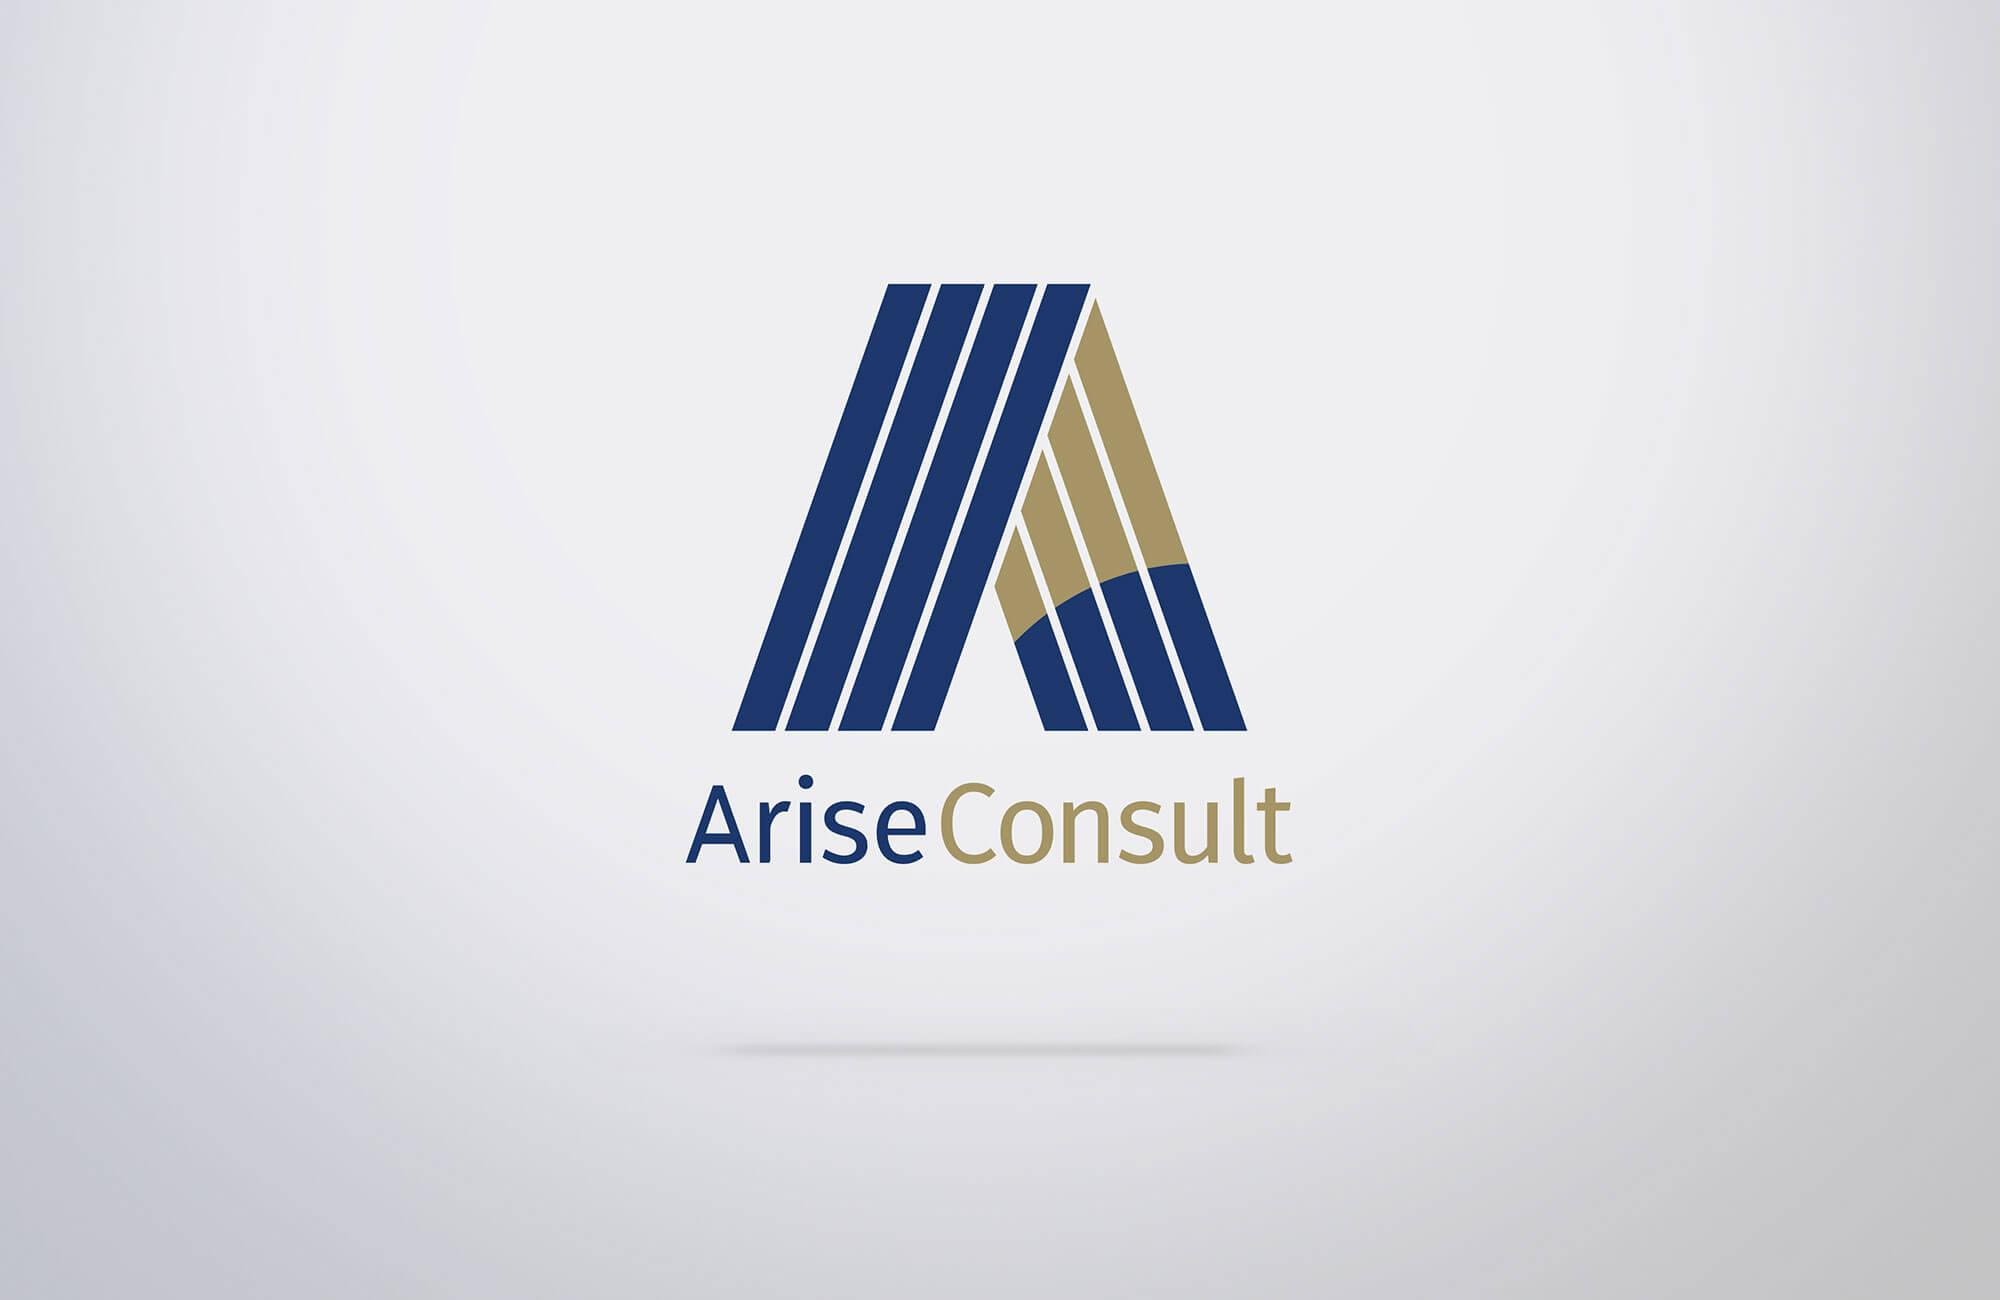 Arise Consult Logo Design